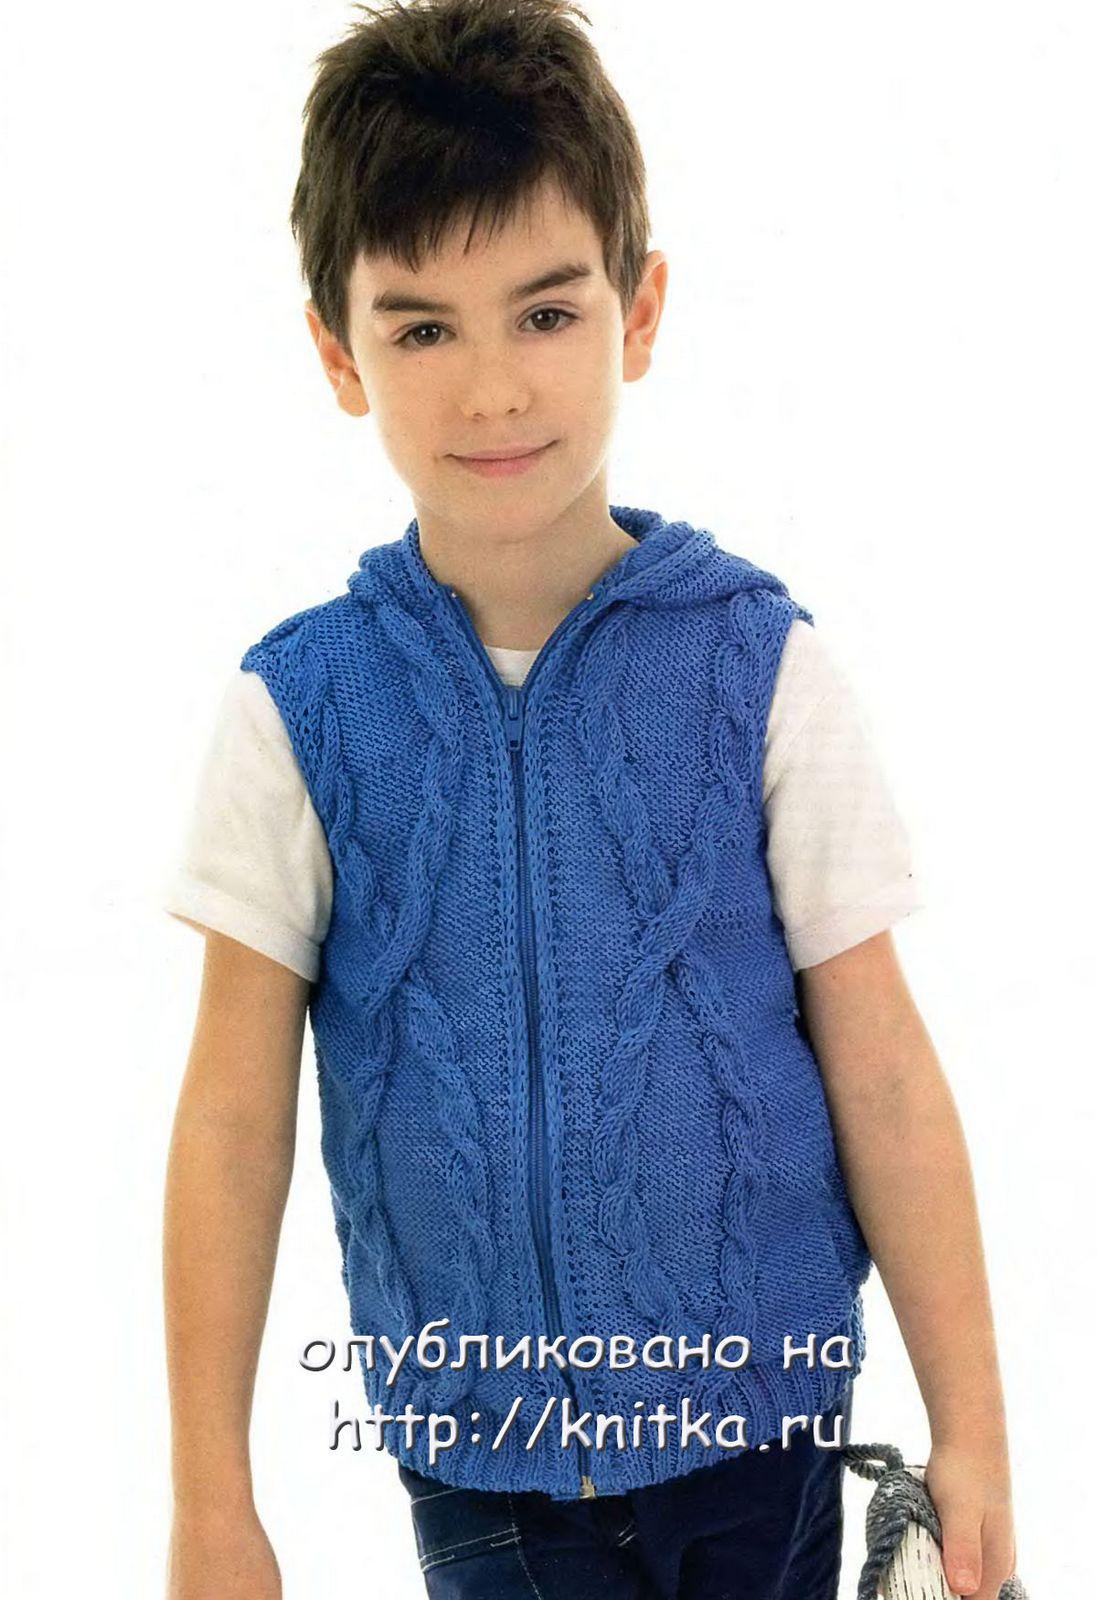 вязание жилет для мальчика 3 лет с описанием спицами схемы